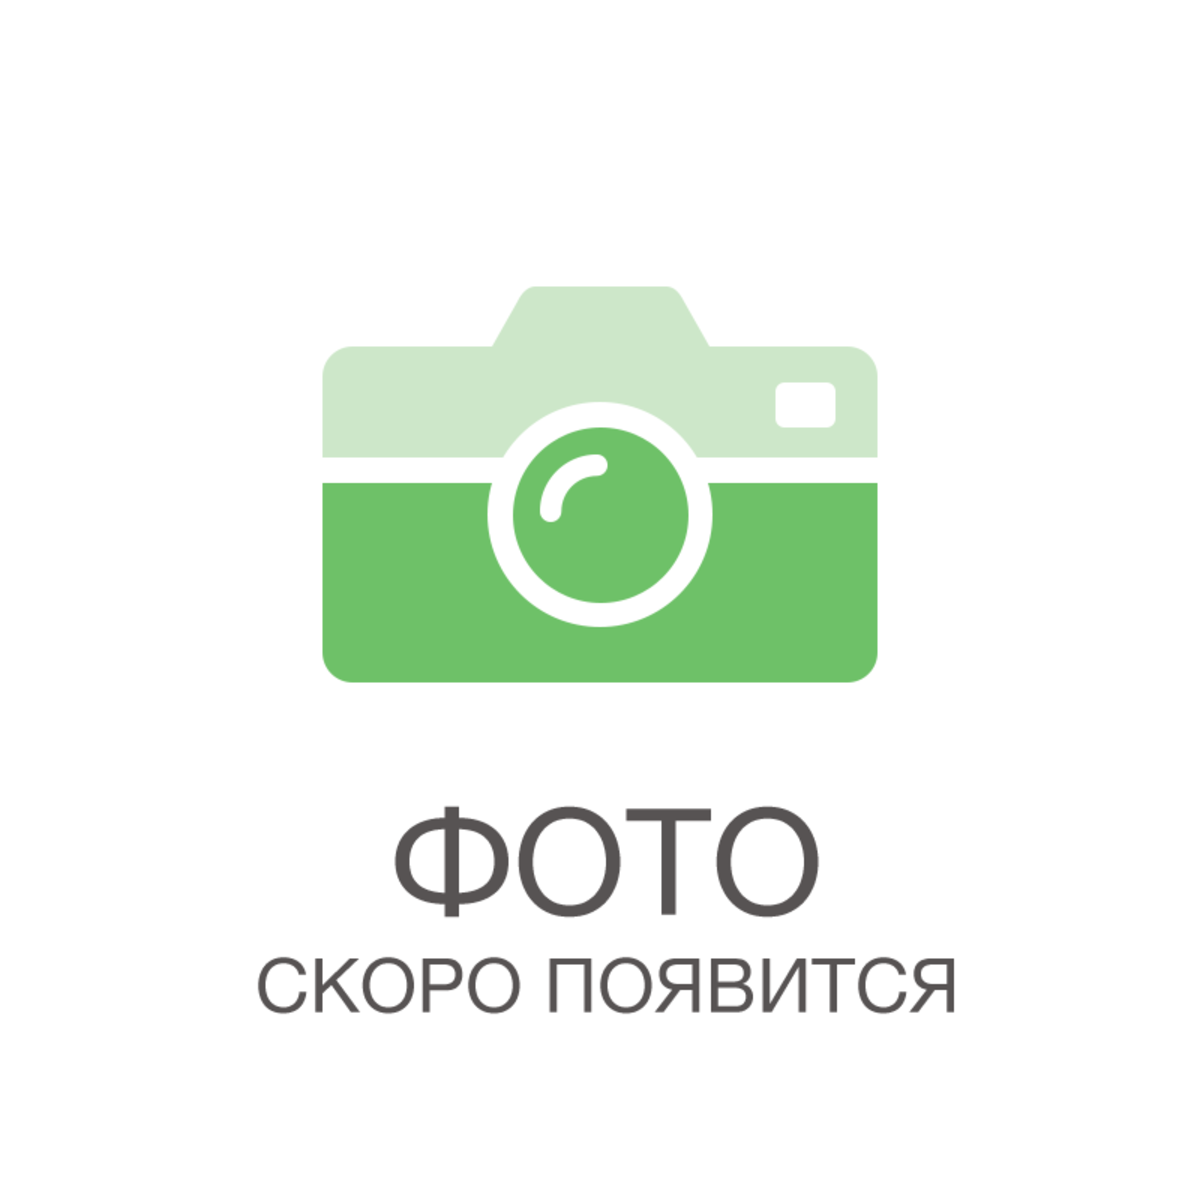 Дверь балконная ПВХ двухстворчатая 210х120 см штульповая